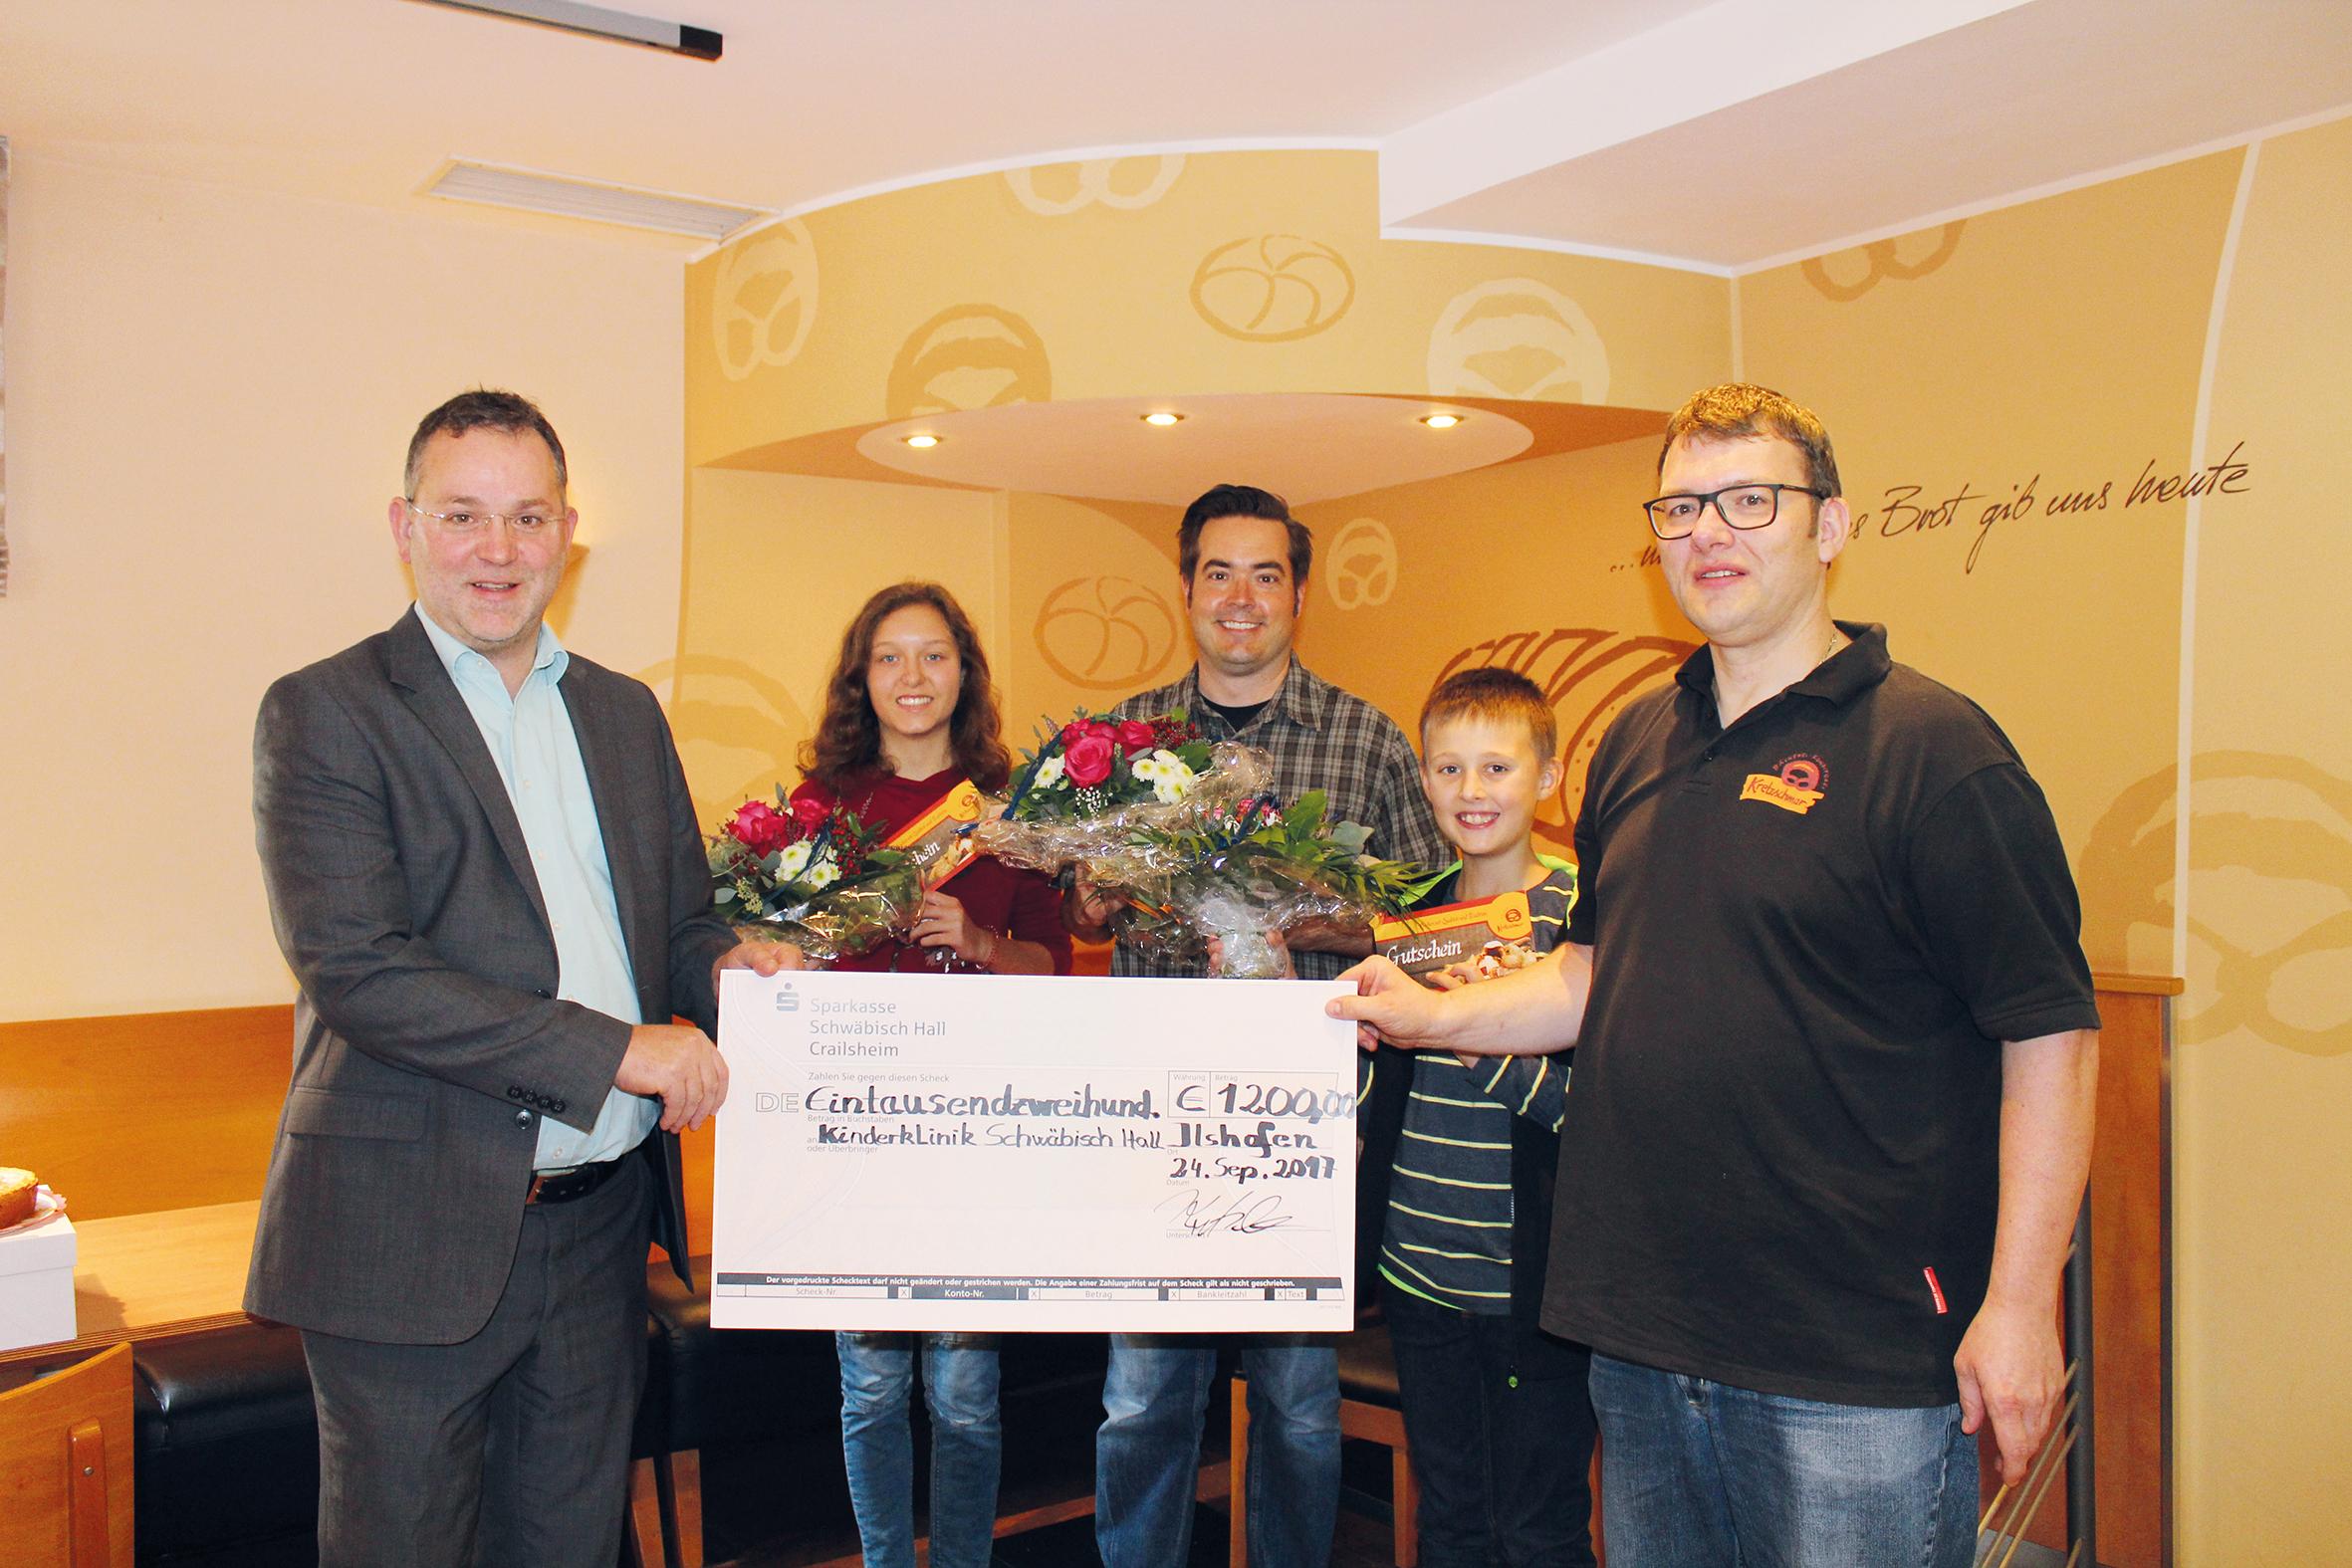 Spendenaktion durch Losverkauf bei der Bäckerei Kretzschmar